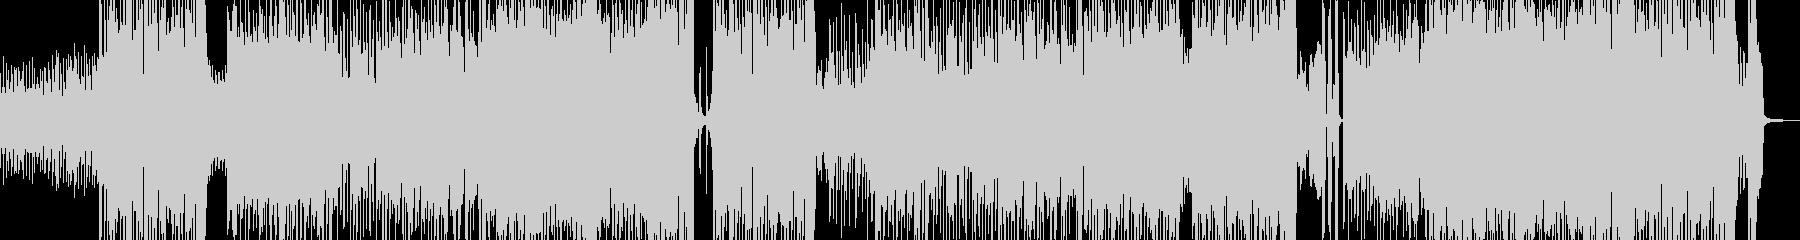 アイドリーなテクノポップ エレキ無の未再生の波形